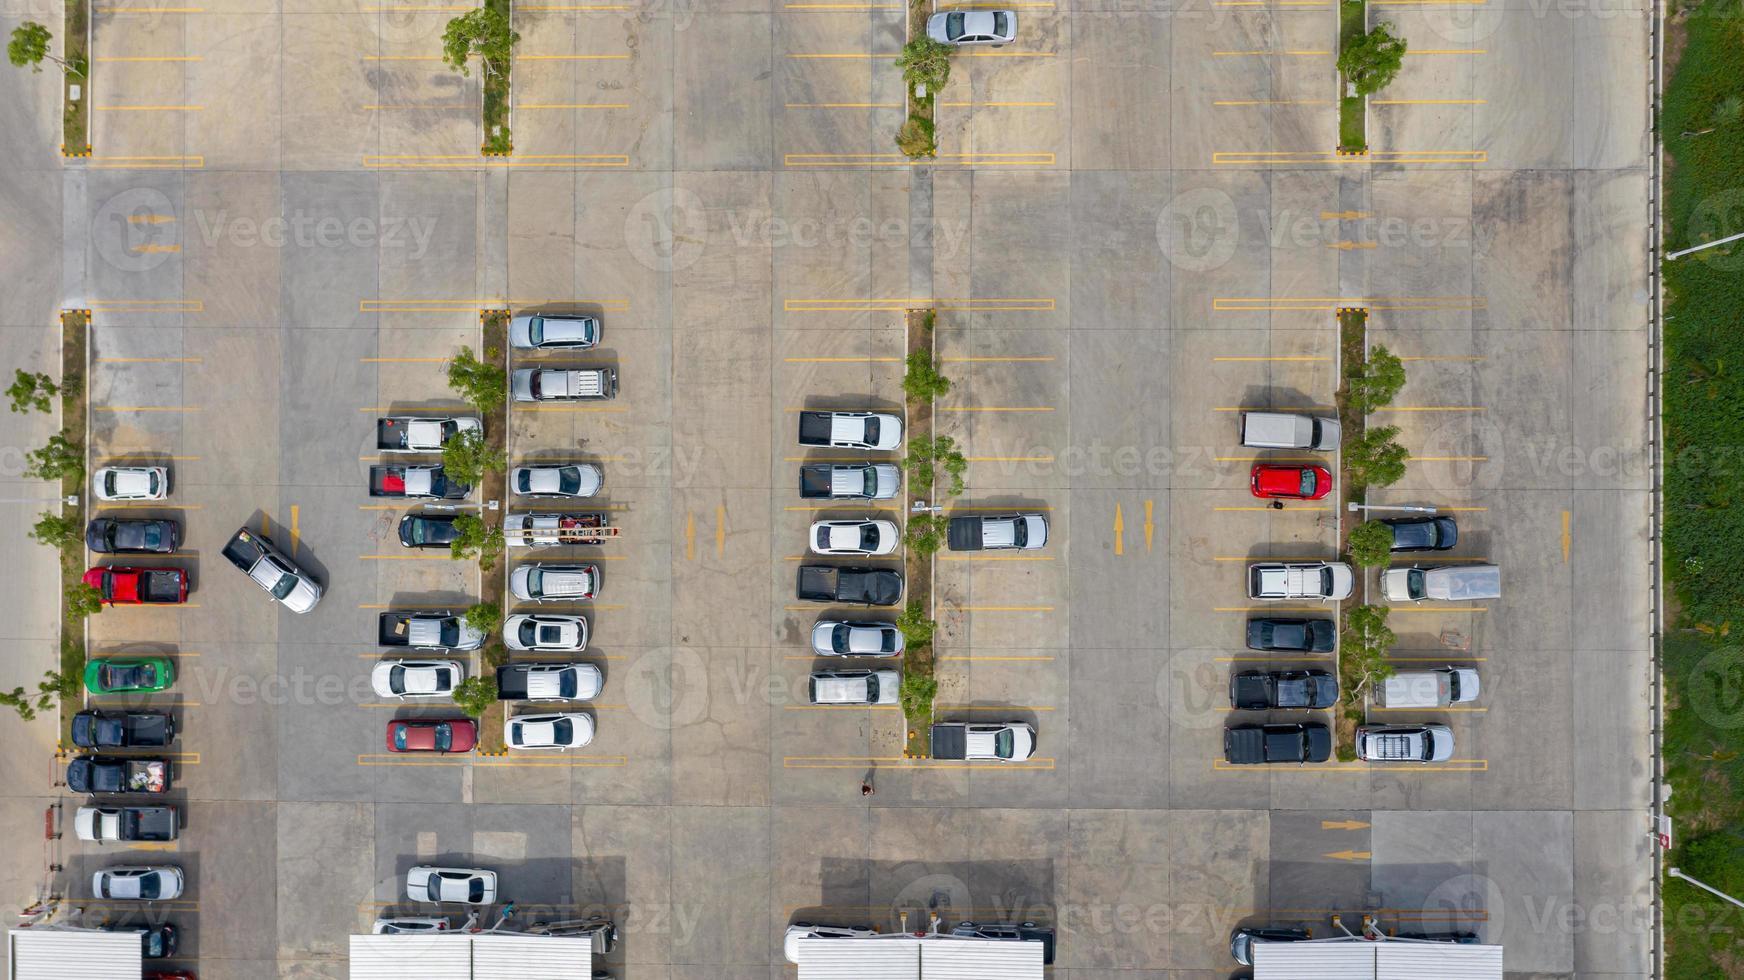 vue de dessus d'un parking extérieur photo